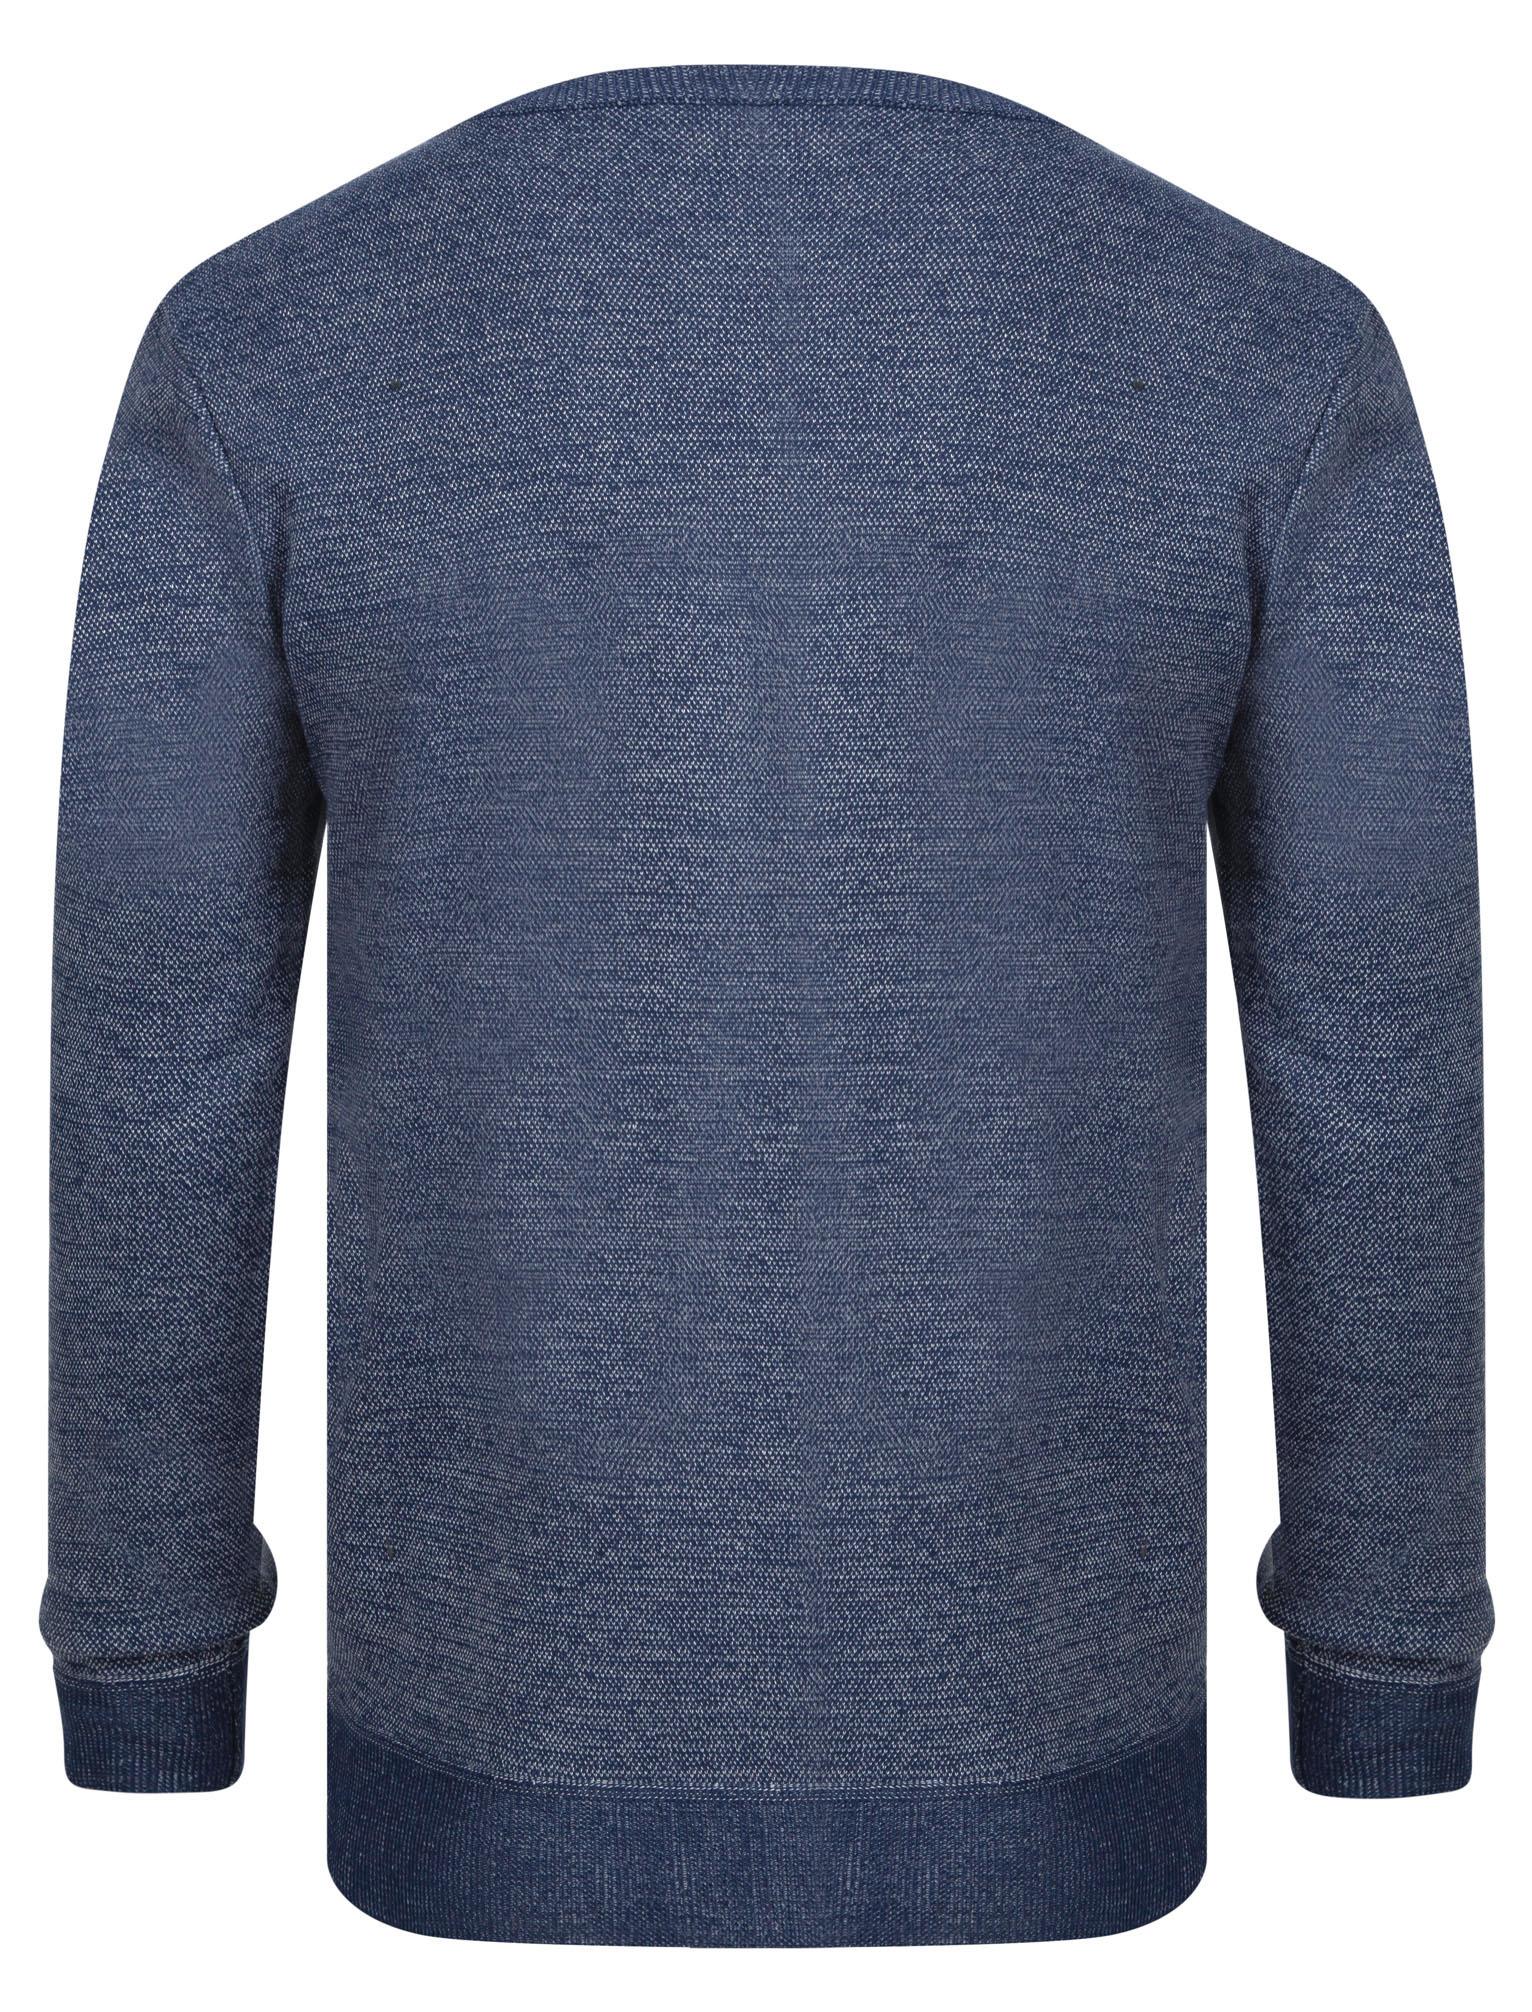 Kensington-Eastside-Men-039-s-Knitted-Crew-or-V-Neck-Jumper-Sweater-Top-Pullover thumbnail 59